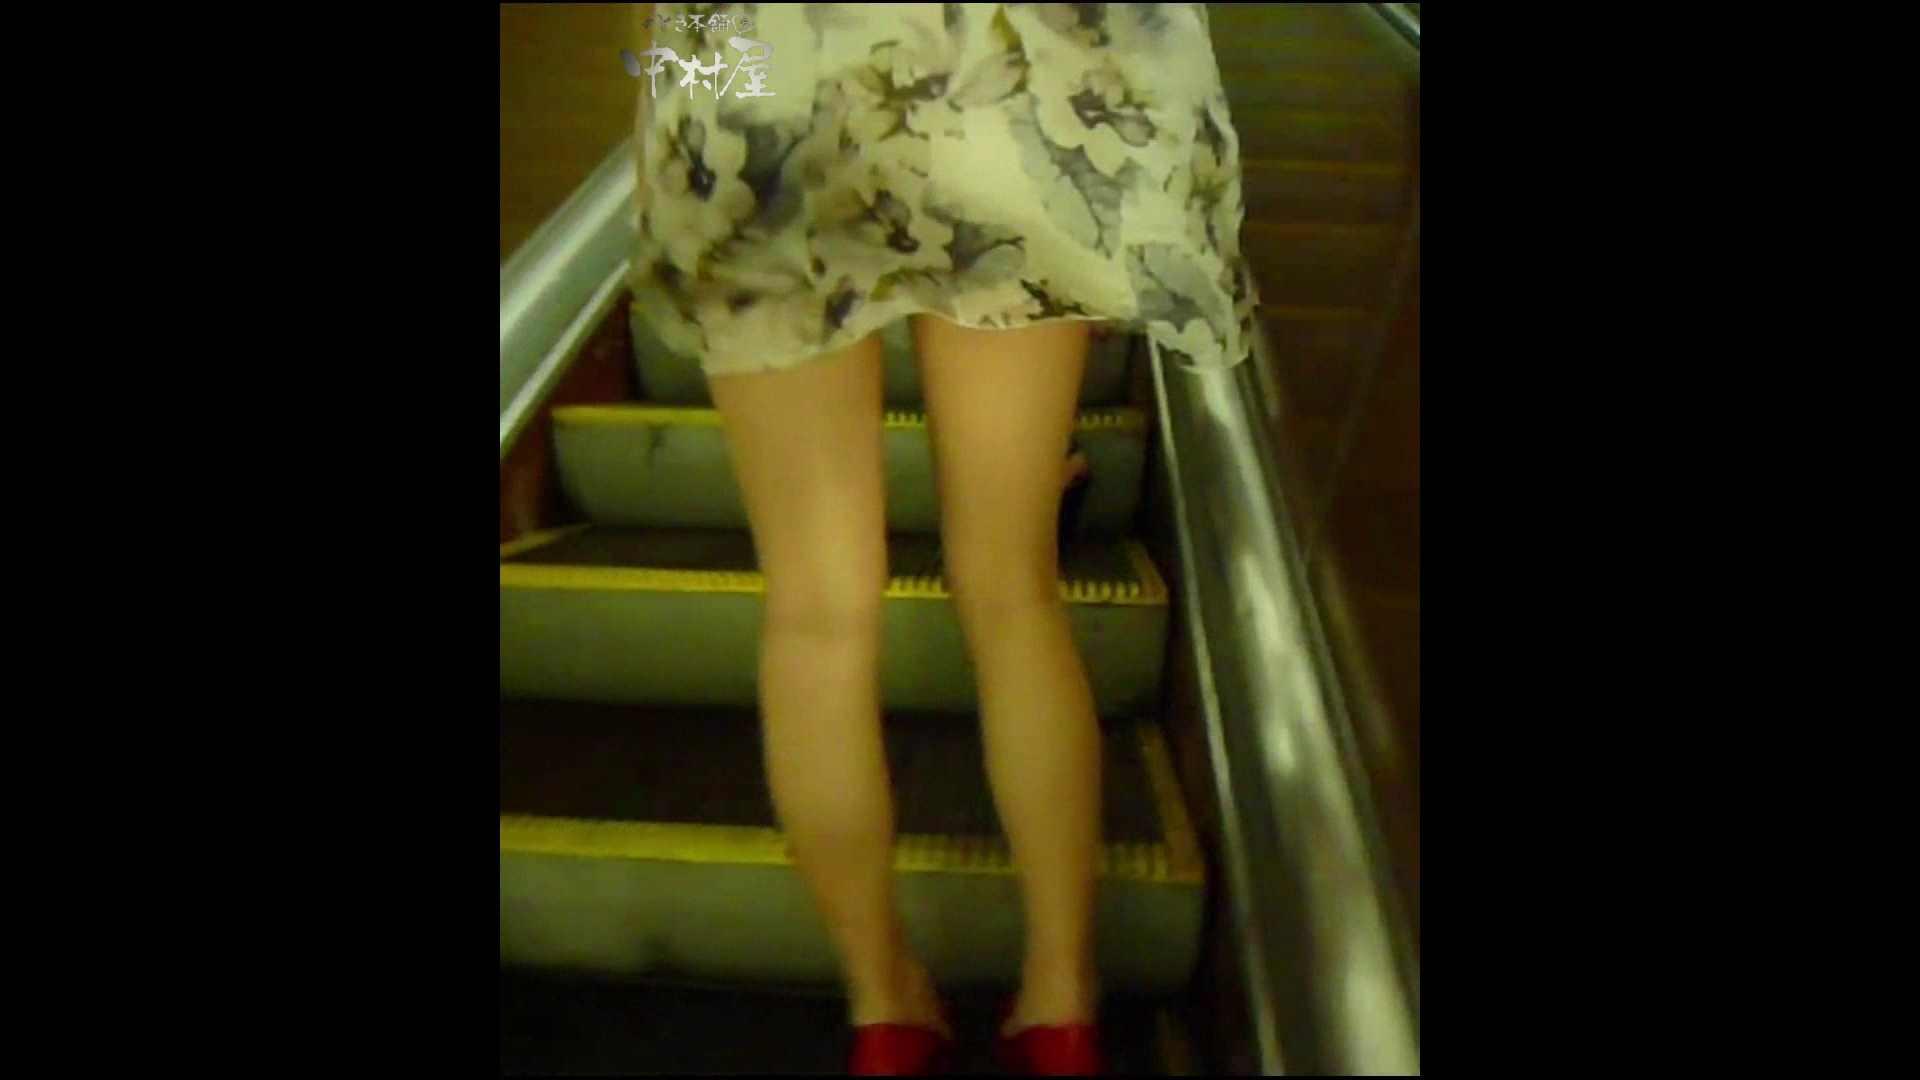 綺麗なモデルさんのスカート捲っちゃおう‼ vol27 綺麗なOLたち  65枚 45